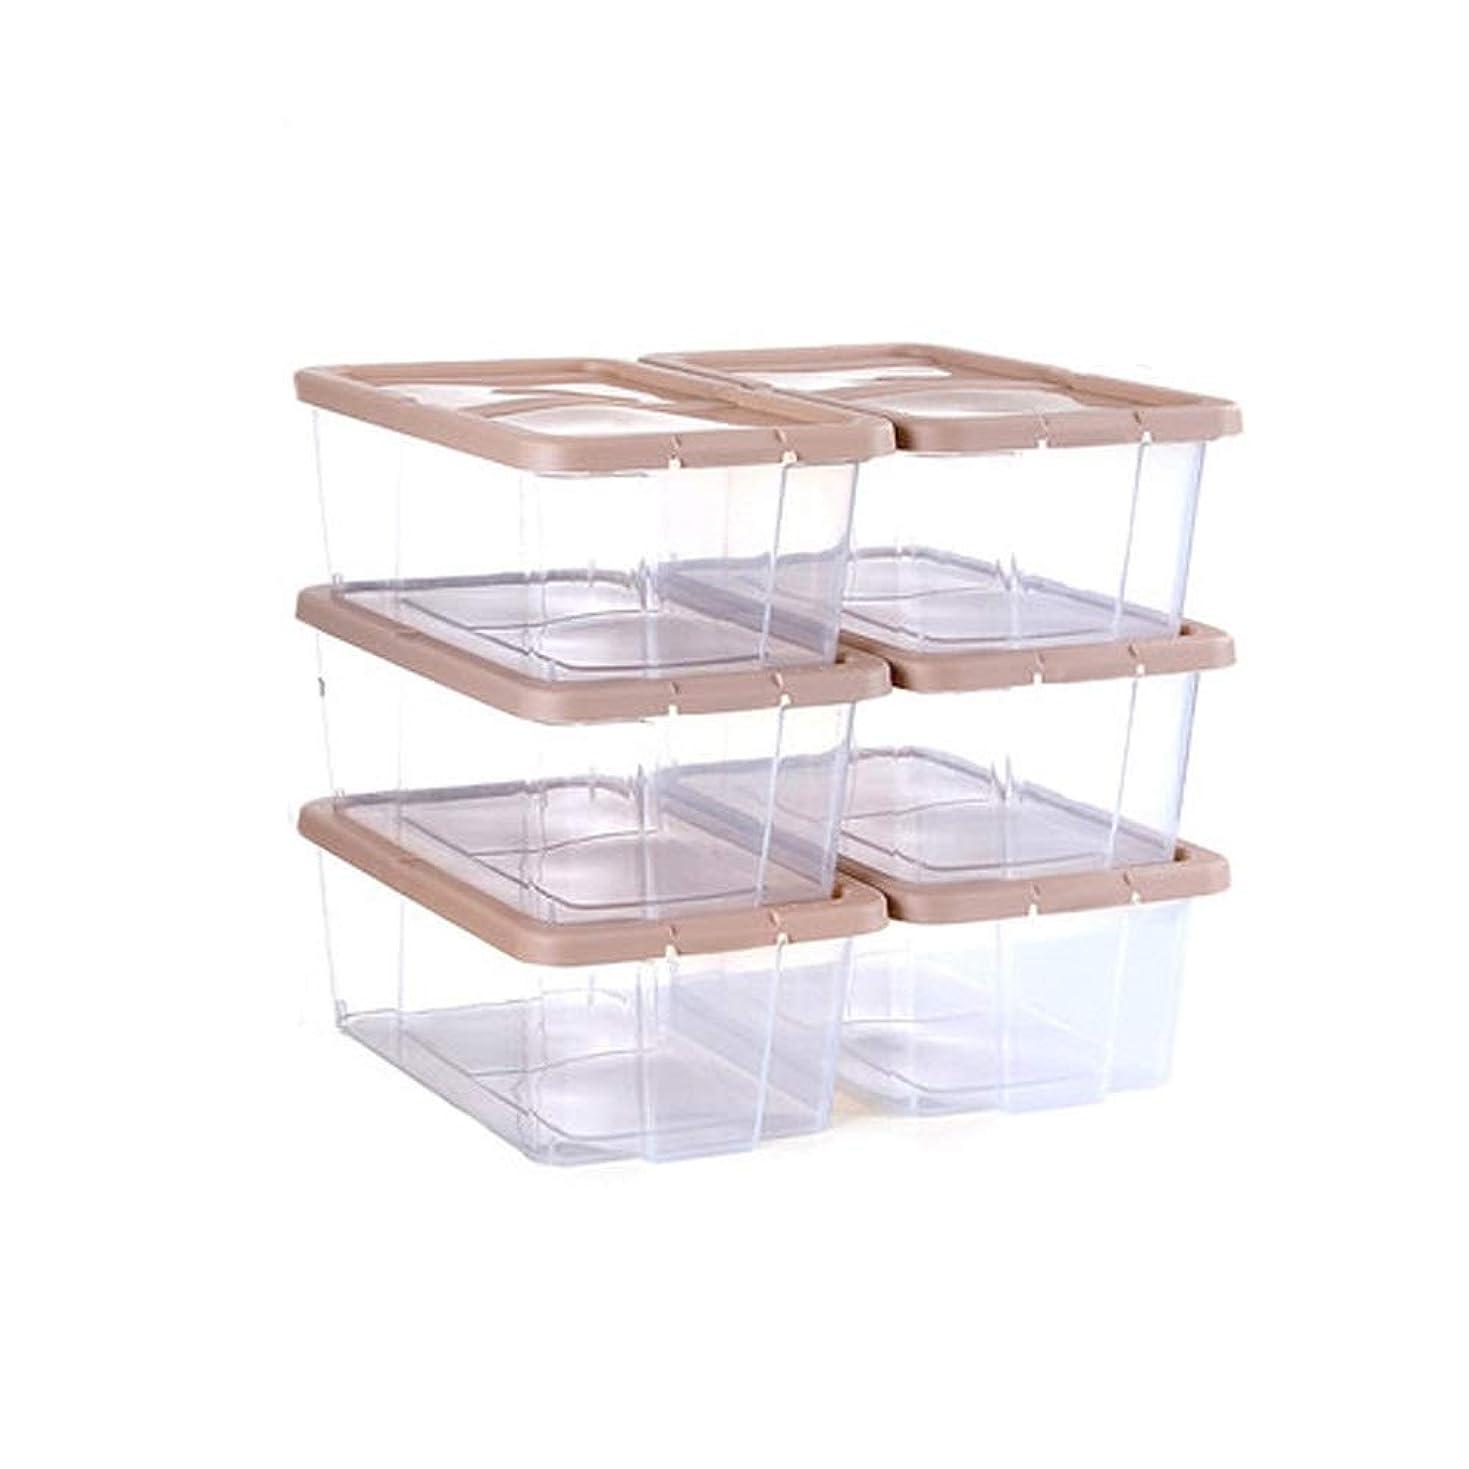 南東バンガロー法律によりHEHUIHUI- 靴箱、プラスチック製の靴箱、積み重ね可能な靴箱(6個) (Color : Brown)